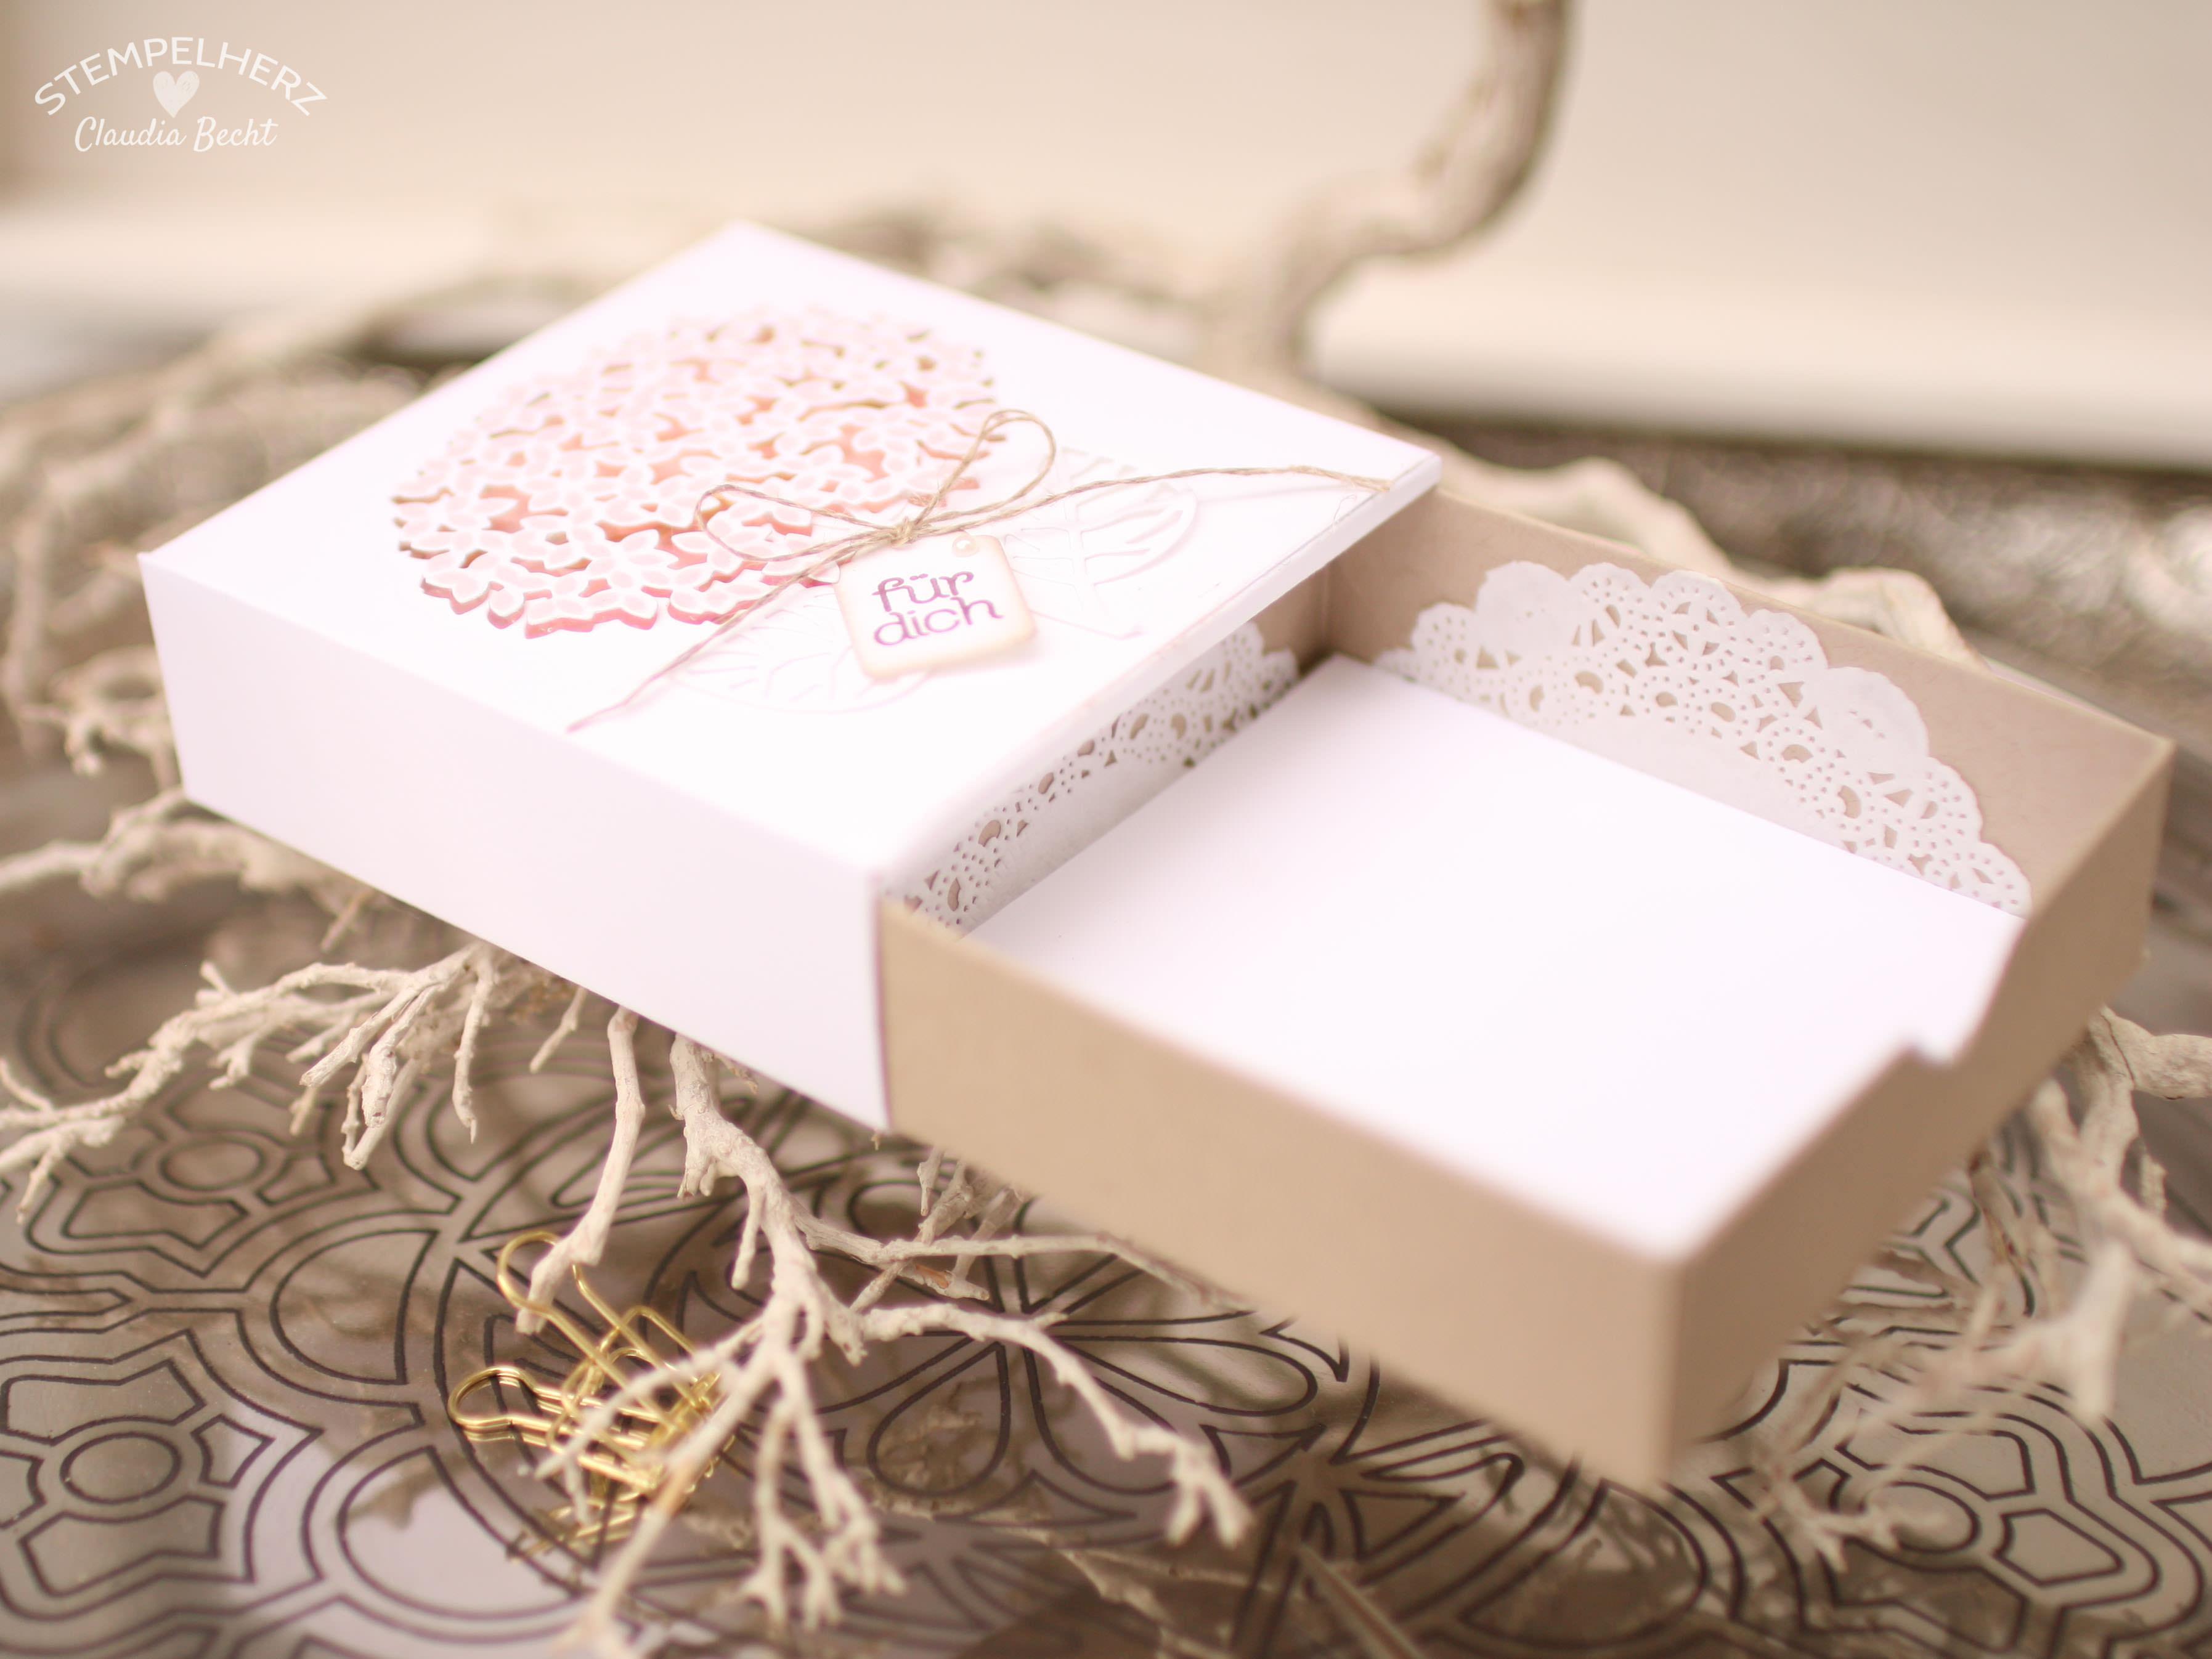 Stampin Up - Stempelherz - Grand Vacation Achievers Blog Hop - Thoughtful Branches - Wald der Worte - Verpackung - Schachtel - Ziehverpackung - Box - Blume - Schachtel Zarte Blume 02